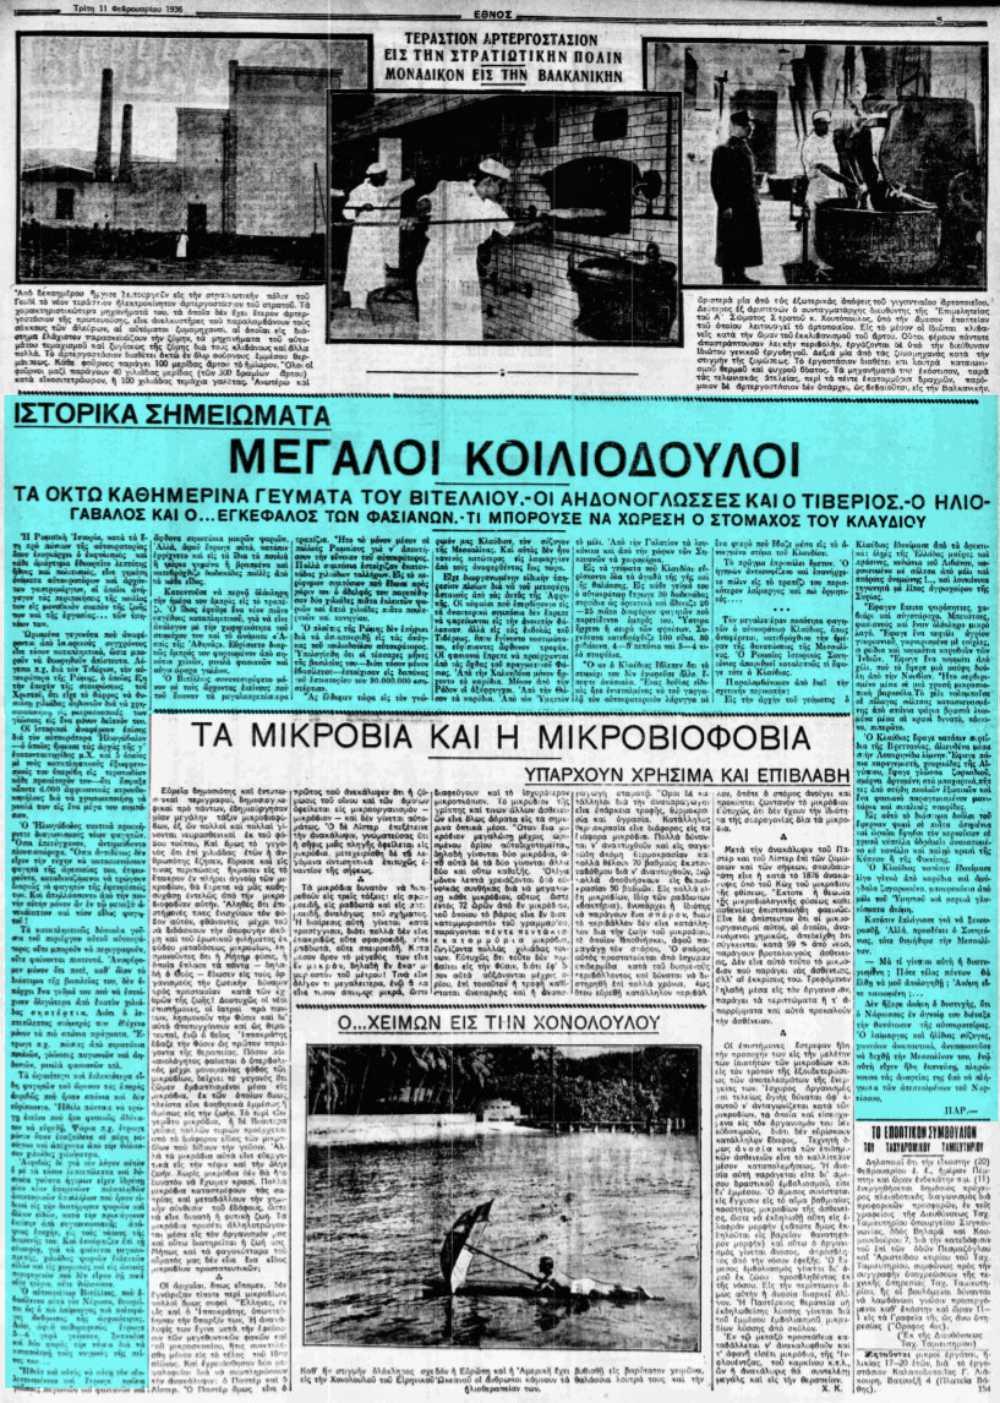 """Το άρθρο, όπως δημοσιεύθηκε στην εφημερίδα """"ΕΘΝΟΣ"""", στις 11/02/1936"""